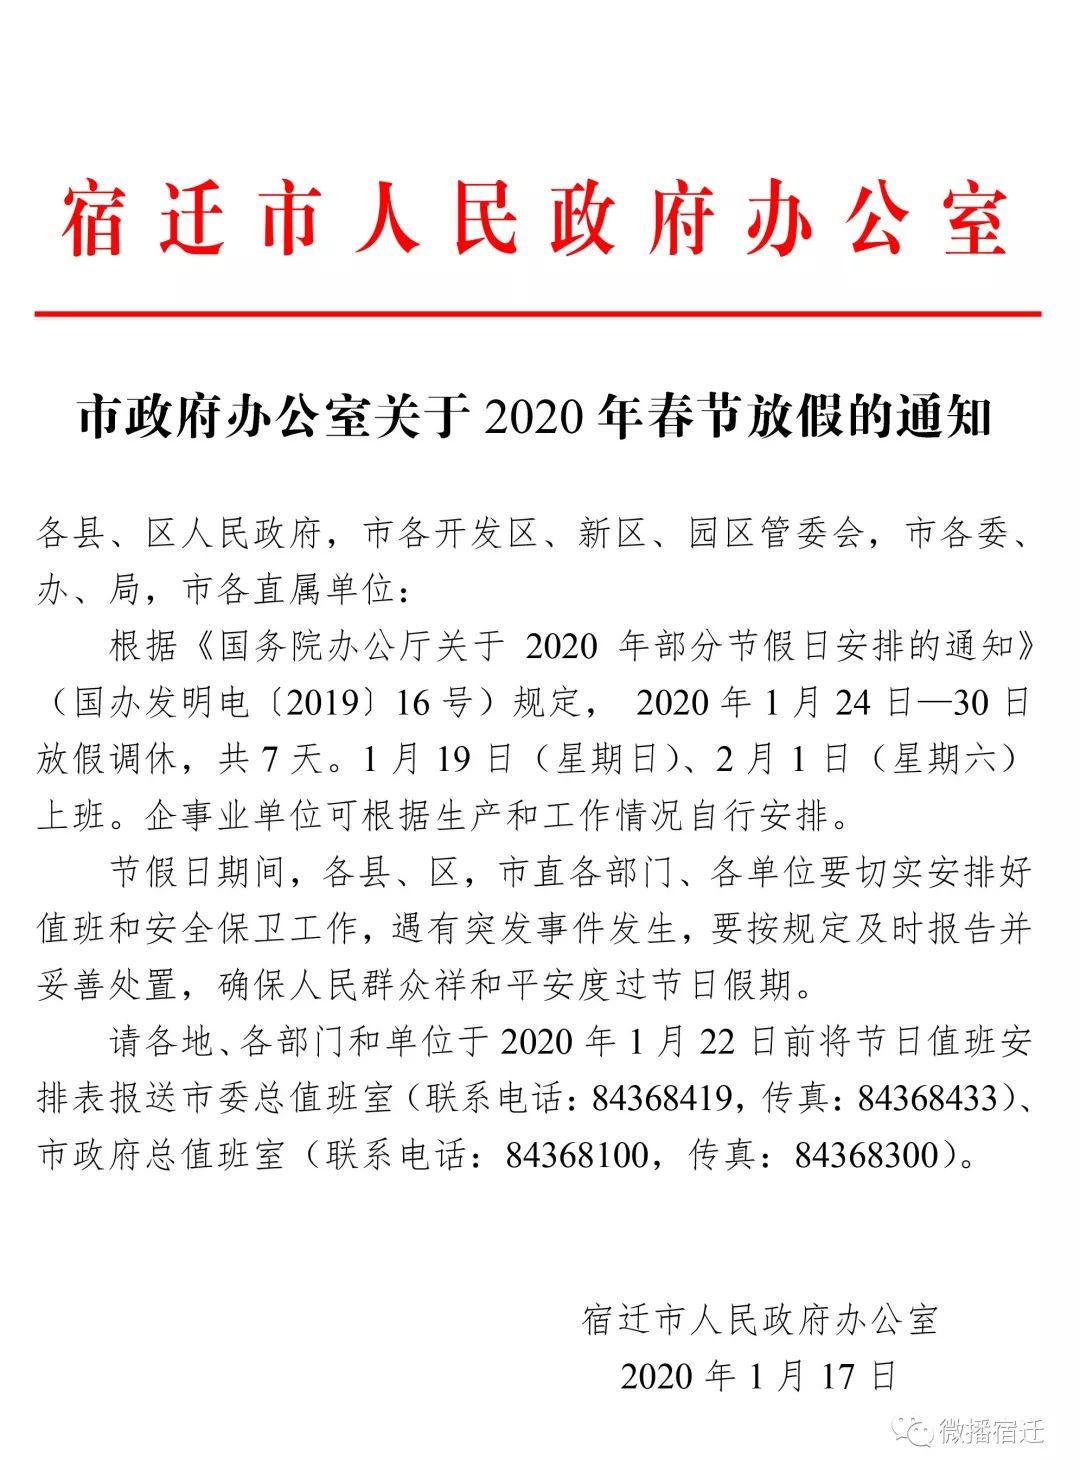 市政府办公室关于2020年春节放假的通知